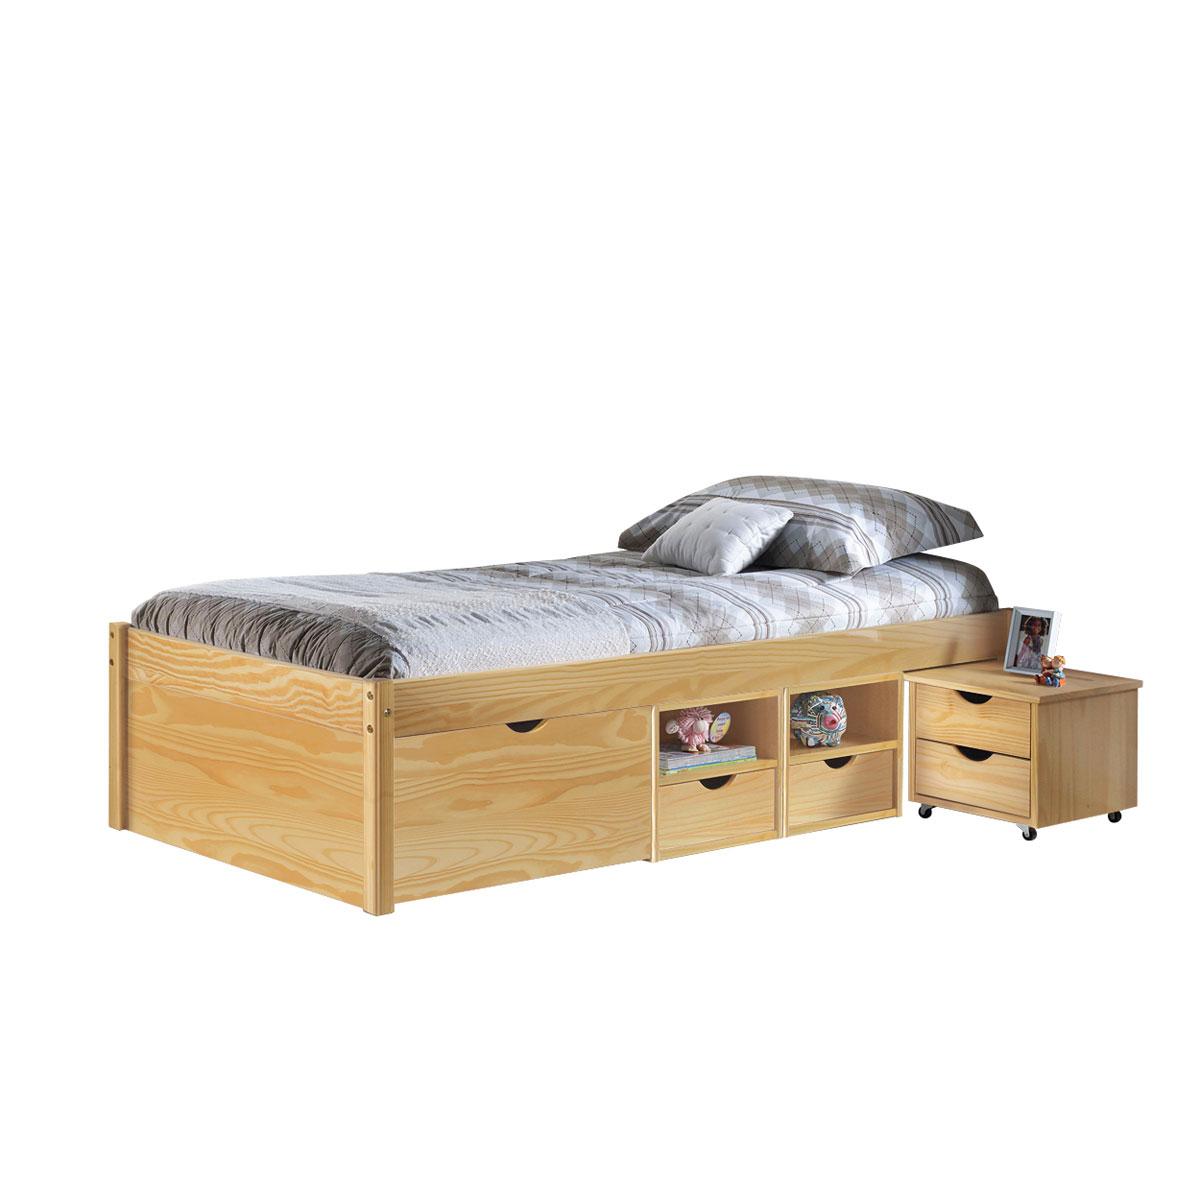 Full Size of Interlink Funktionscouch Lotar Funktionsbett Till Bett Preisvergleich Besten Angebote Wohnzimmer Interlink Funktionscouch Lotar